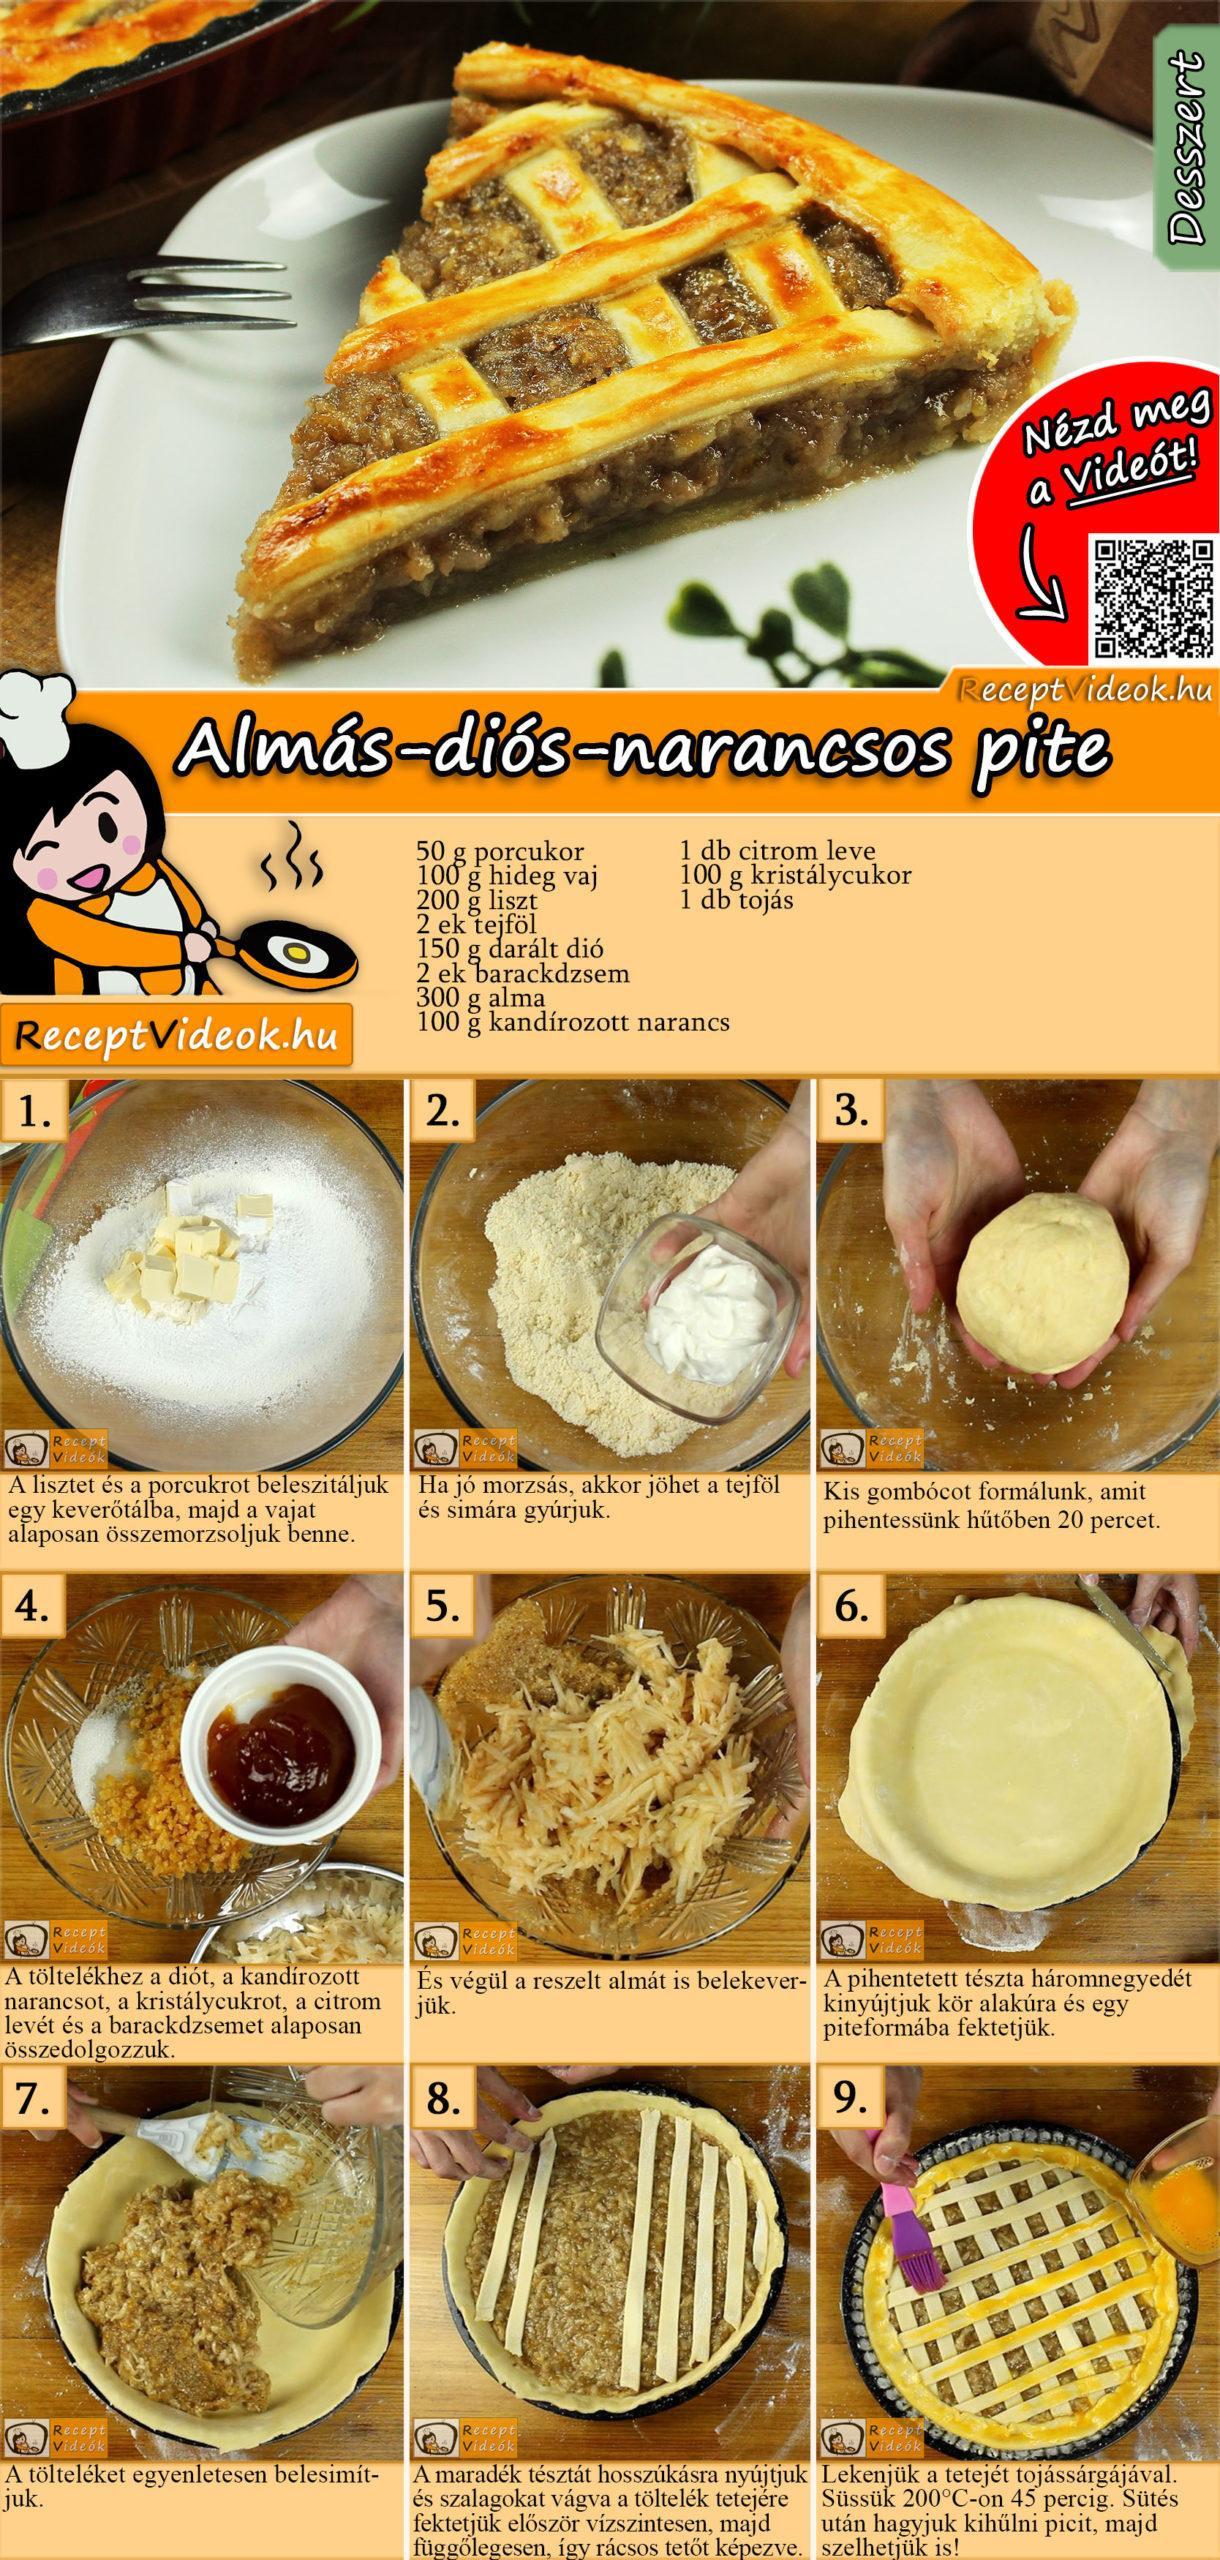 Almás-diós-narancsos pite recept elkészitése videóval